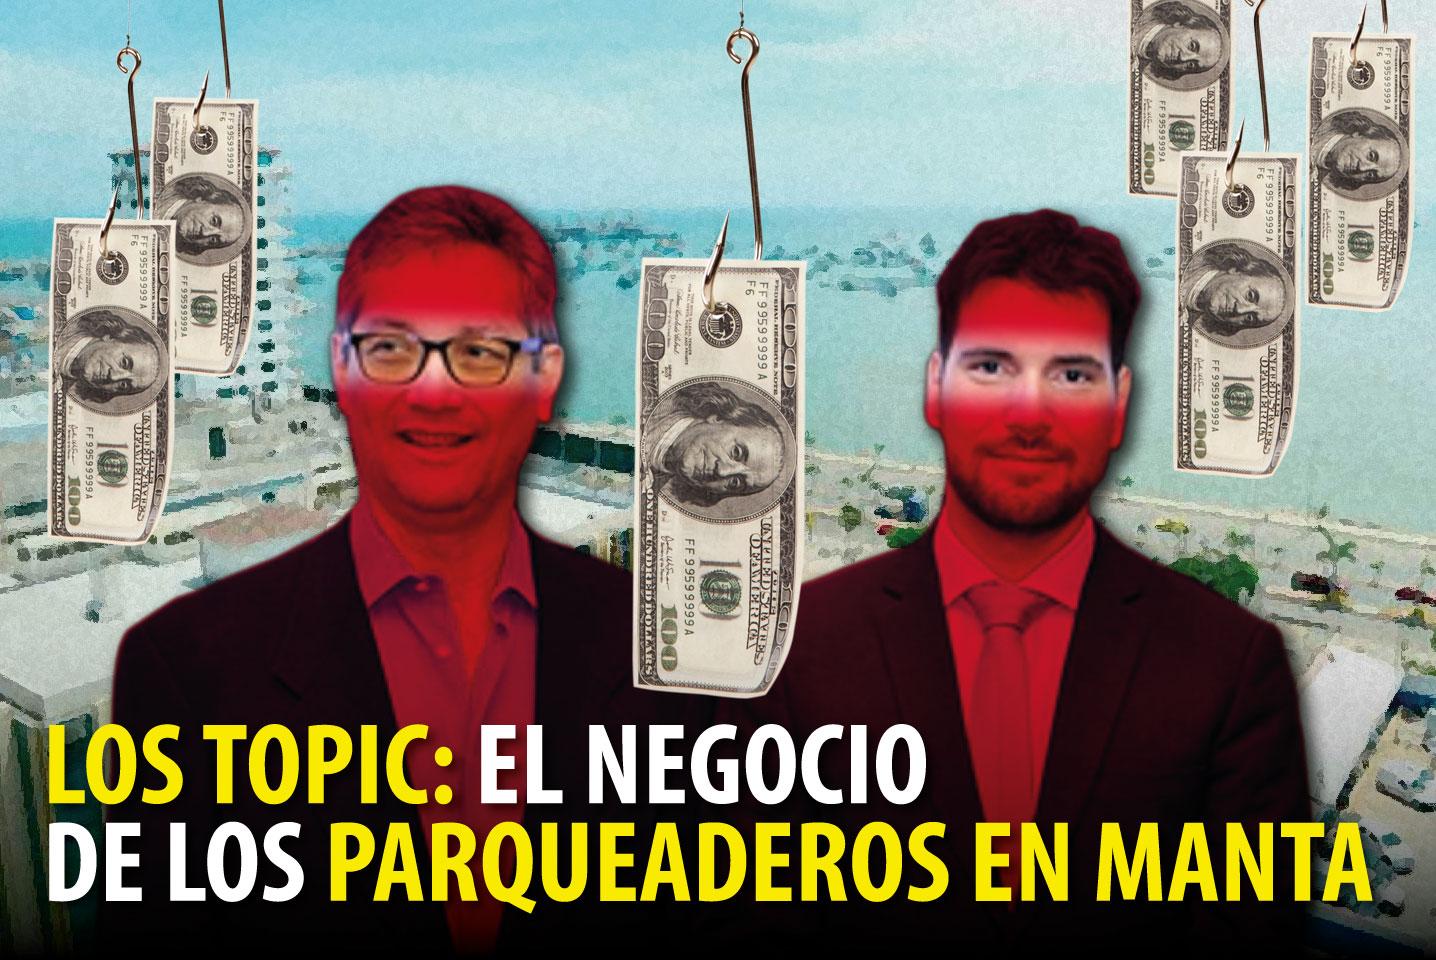 LOS TOPIC: EL NEGOCIO DE LOS PARQUEADEROS EN MANTA